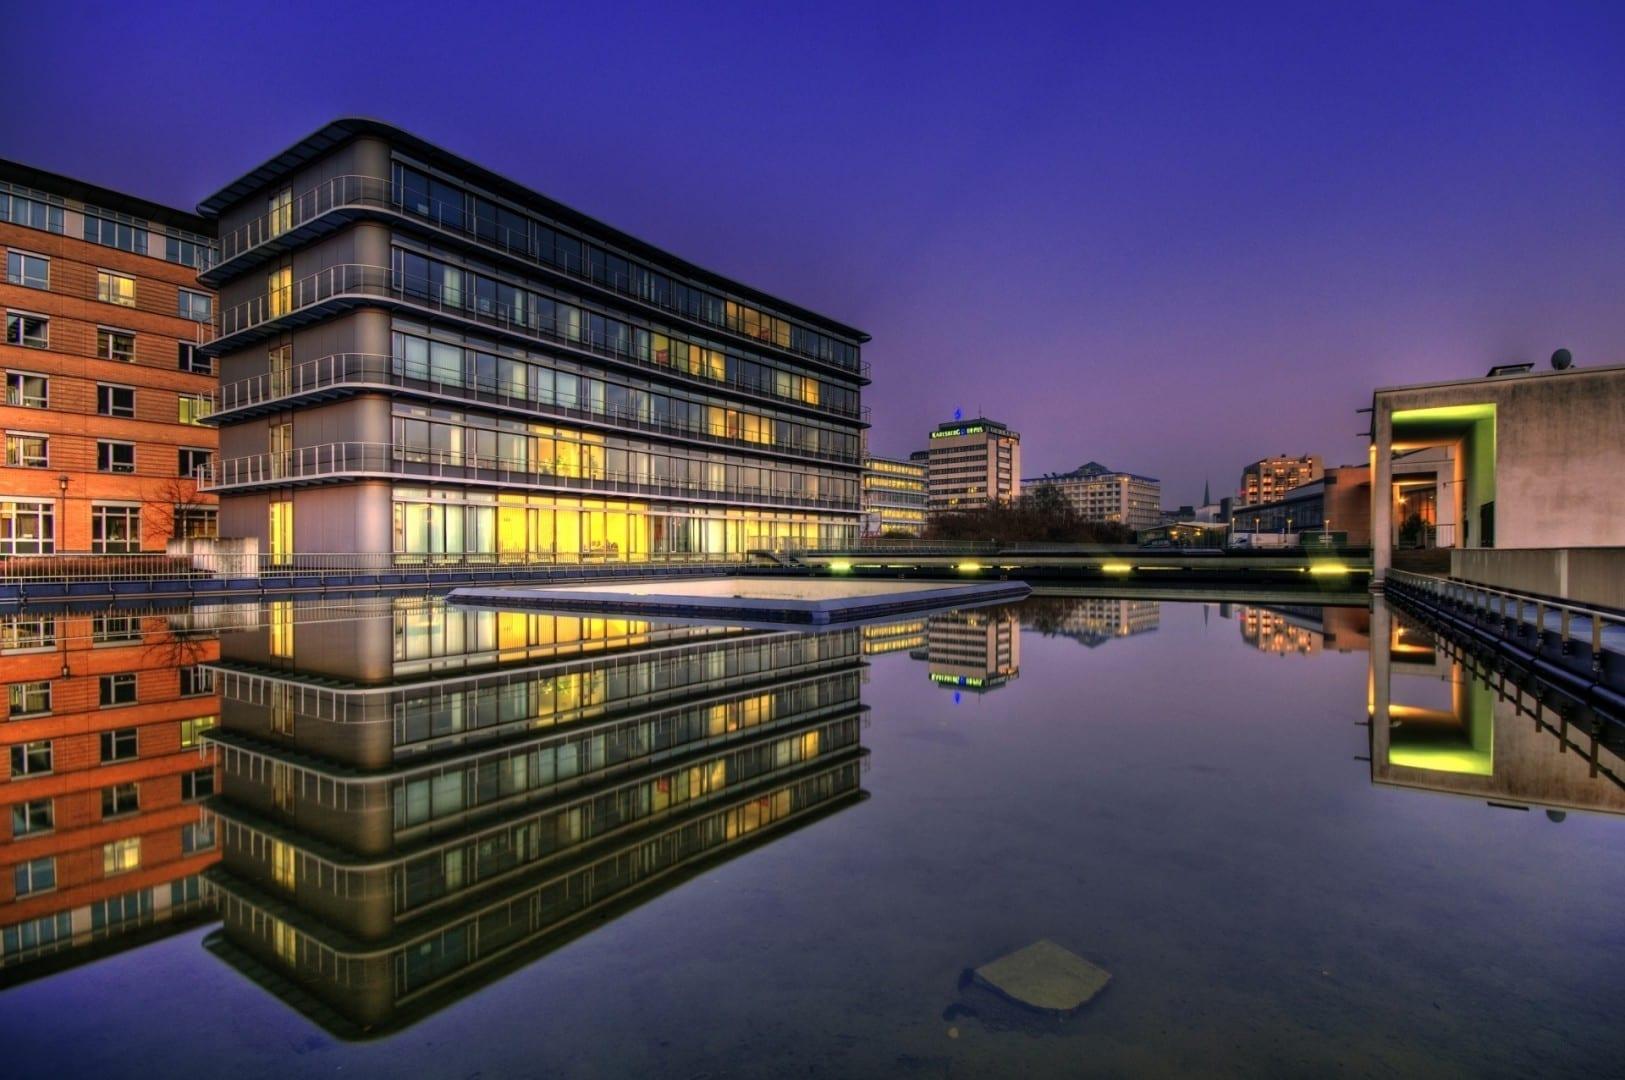 La arquitectura moderna en la Hafenstraße Sarrebruck Alemania